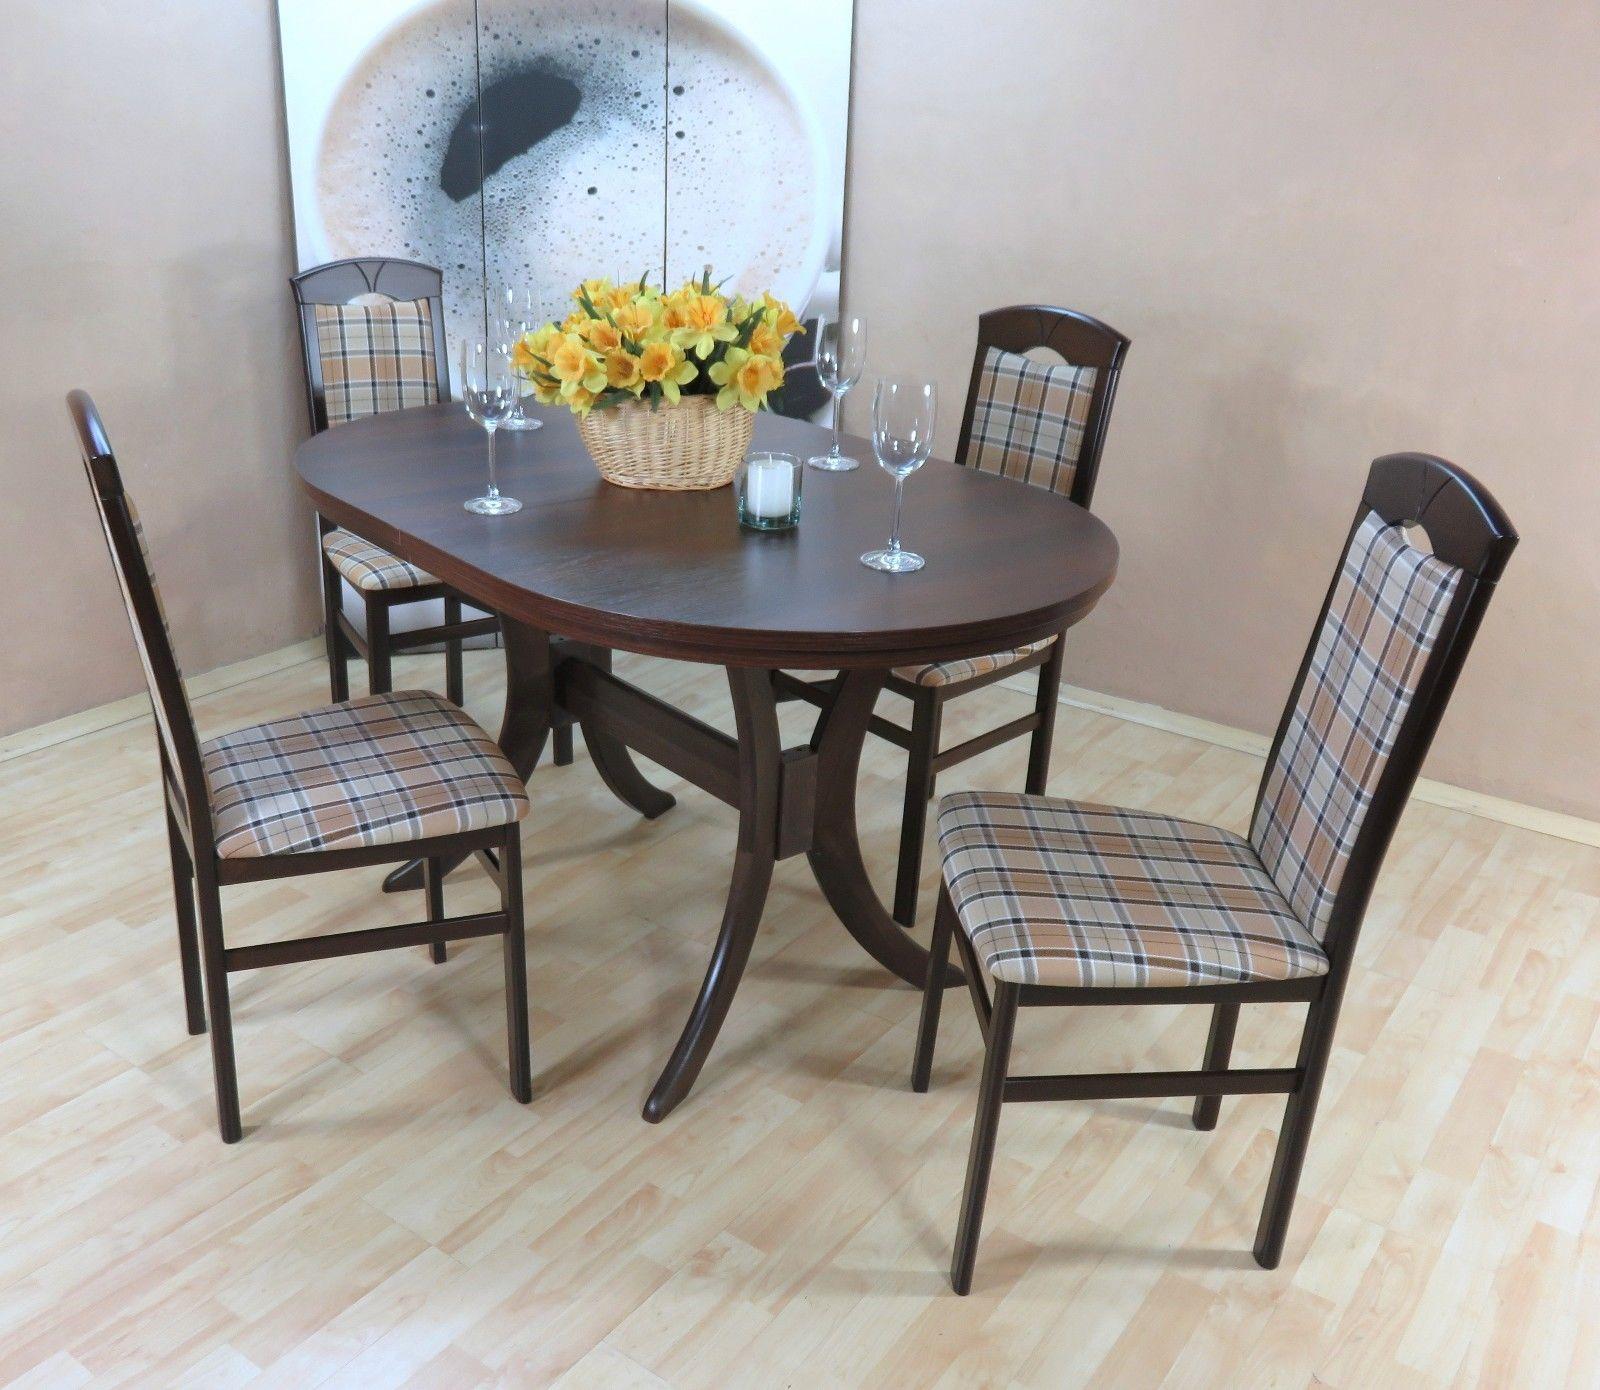 Außergewöhnlich Esstisch Stühle Beige Referenz Von Tischgruppe Nuss Dunkel Braun Massiv 4x Stühle